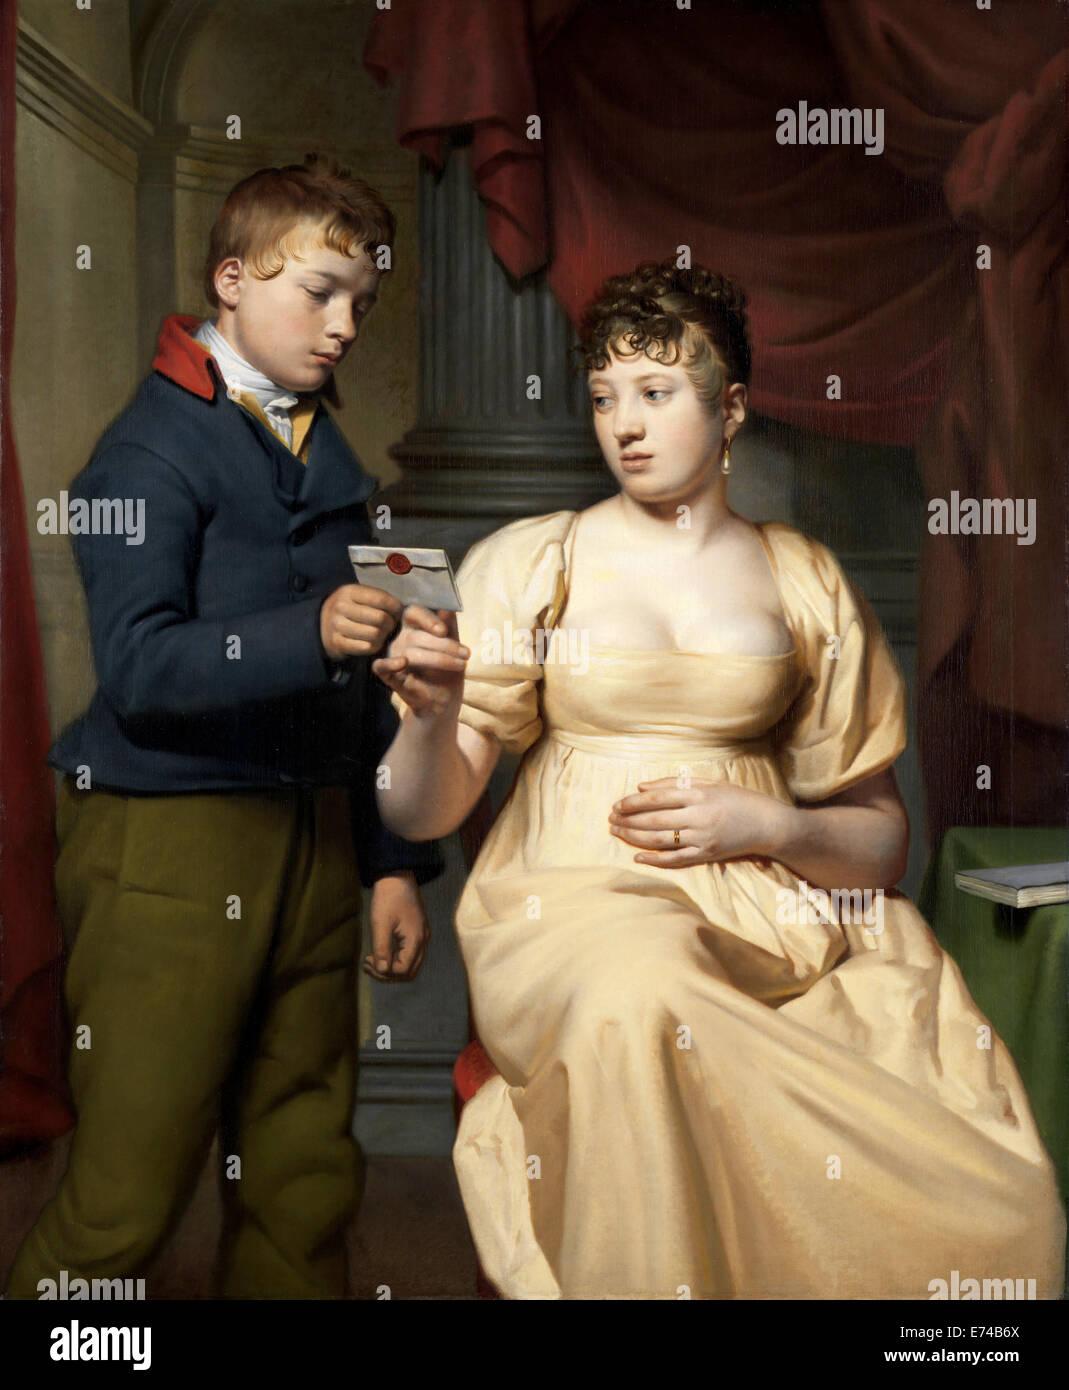 The Love Letter - by Willem Bartel van der Kooi, 1808 - Stock Image